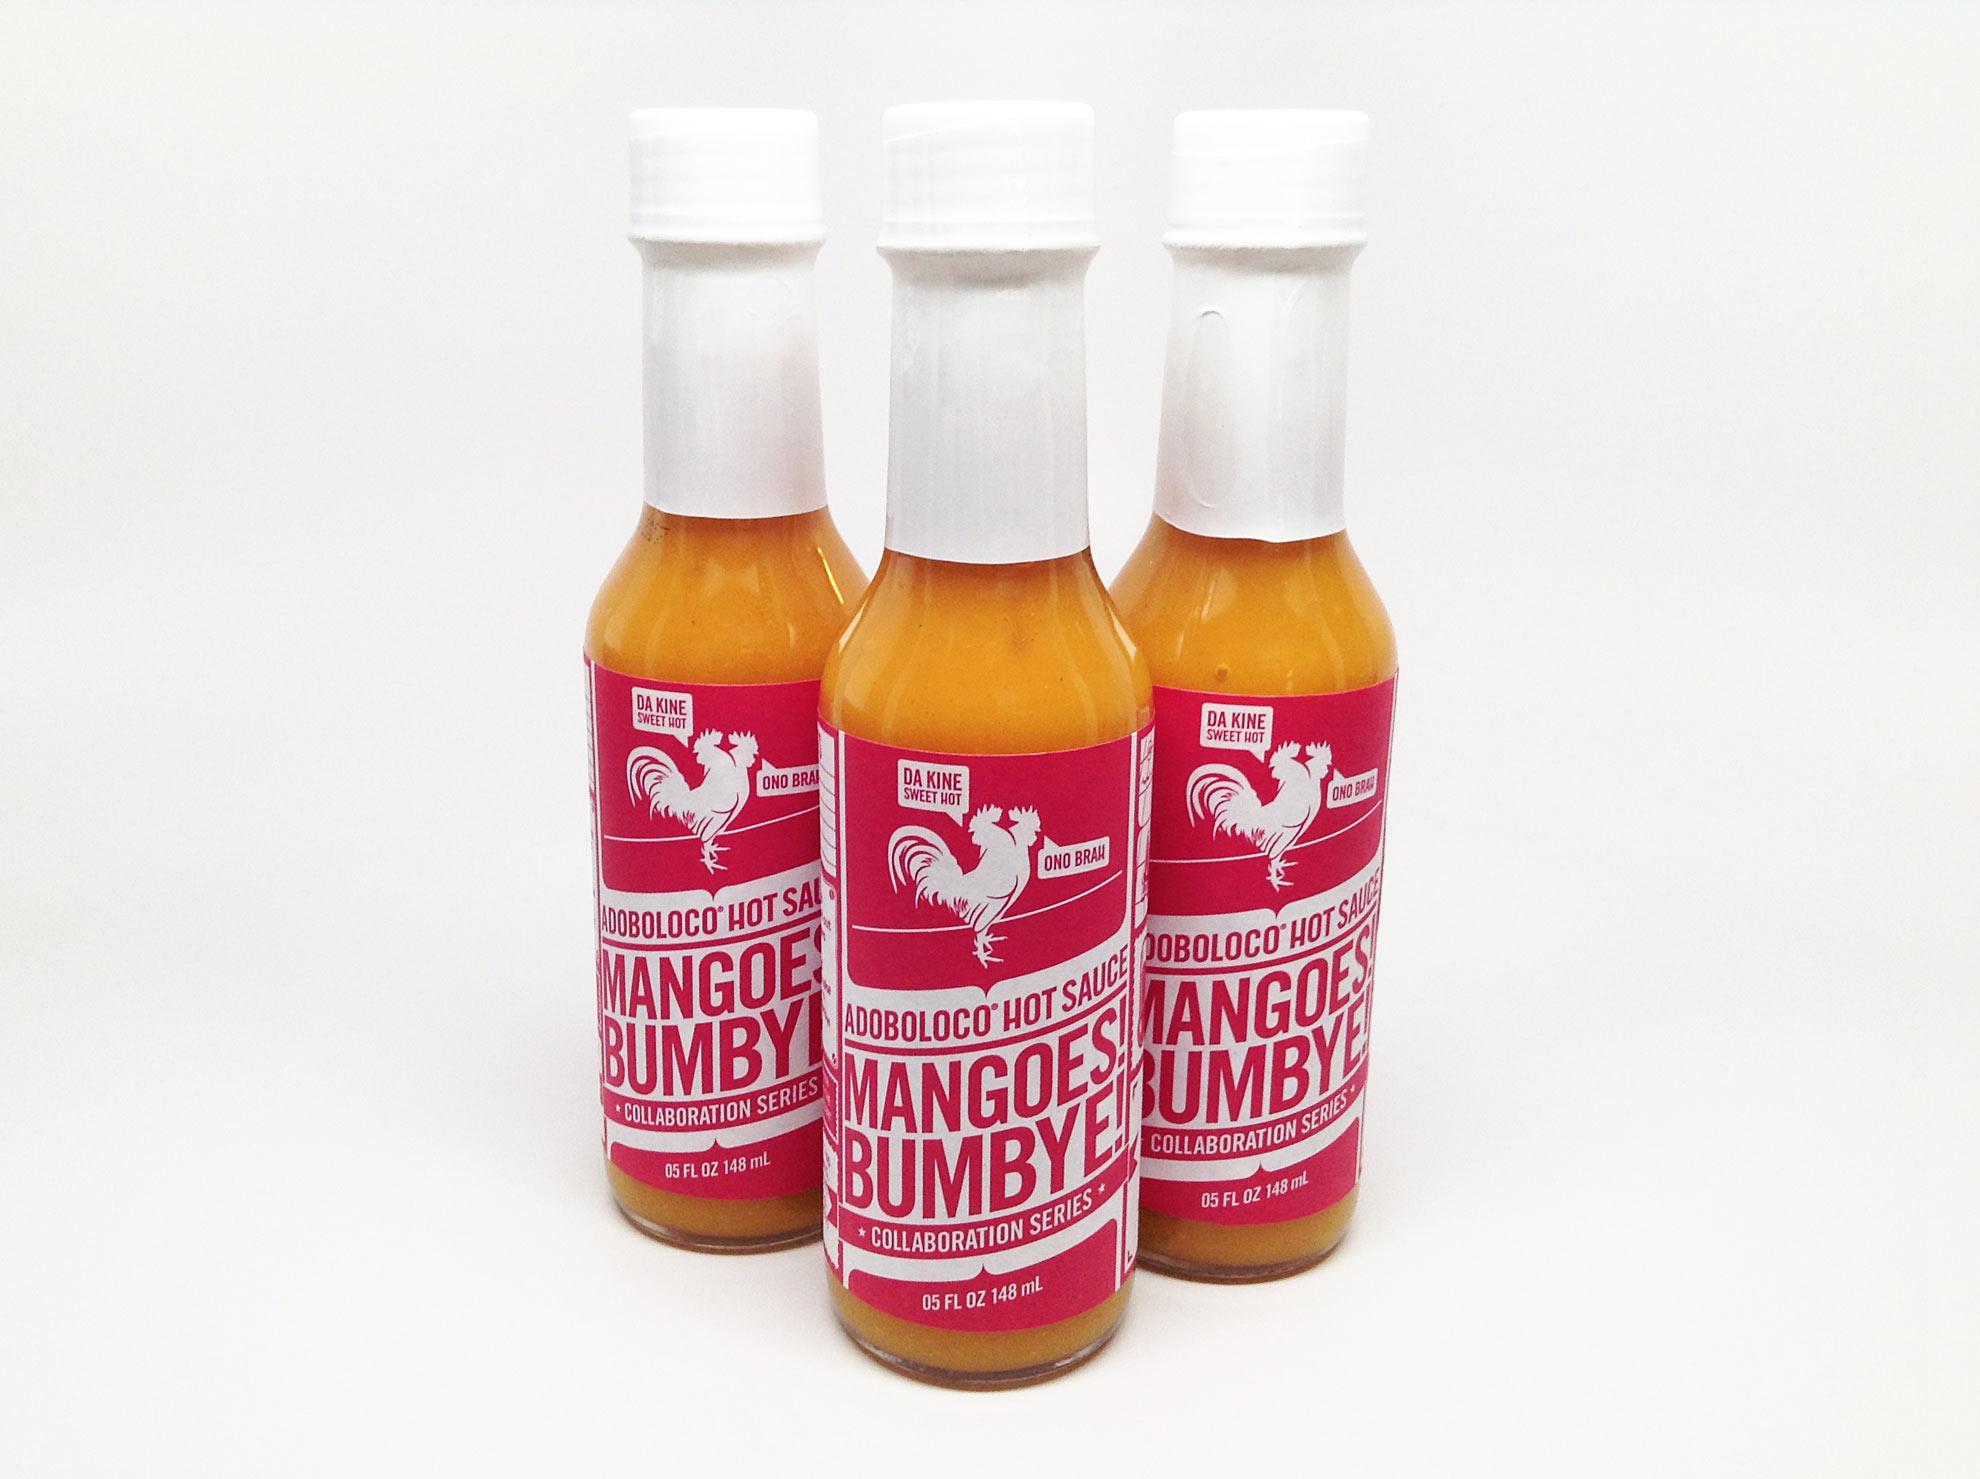 Adoboloco Mango Habanero Hot Sauce - Mangoes! Bumbye!